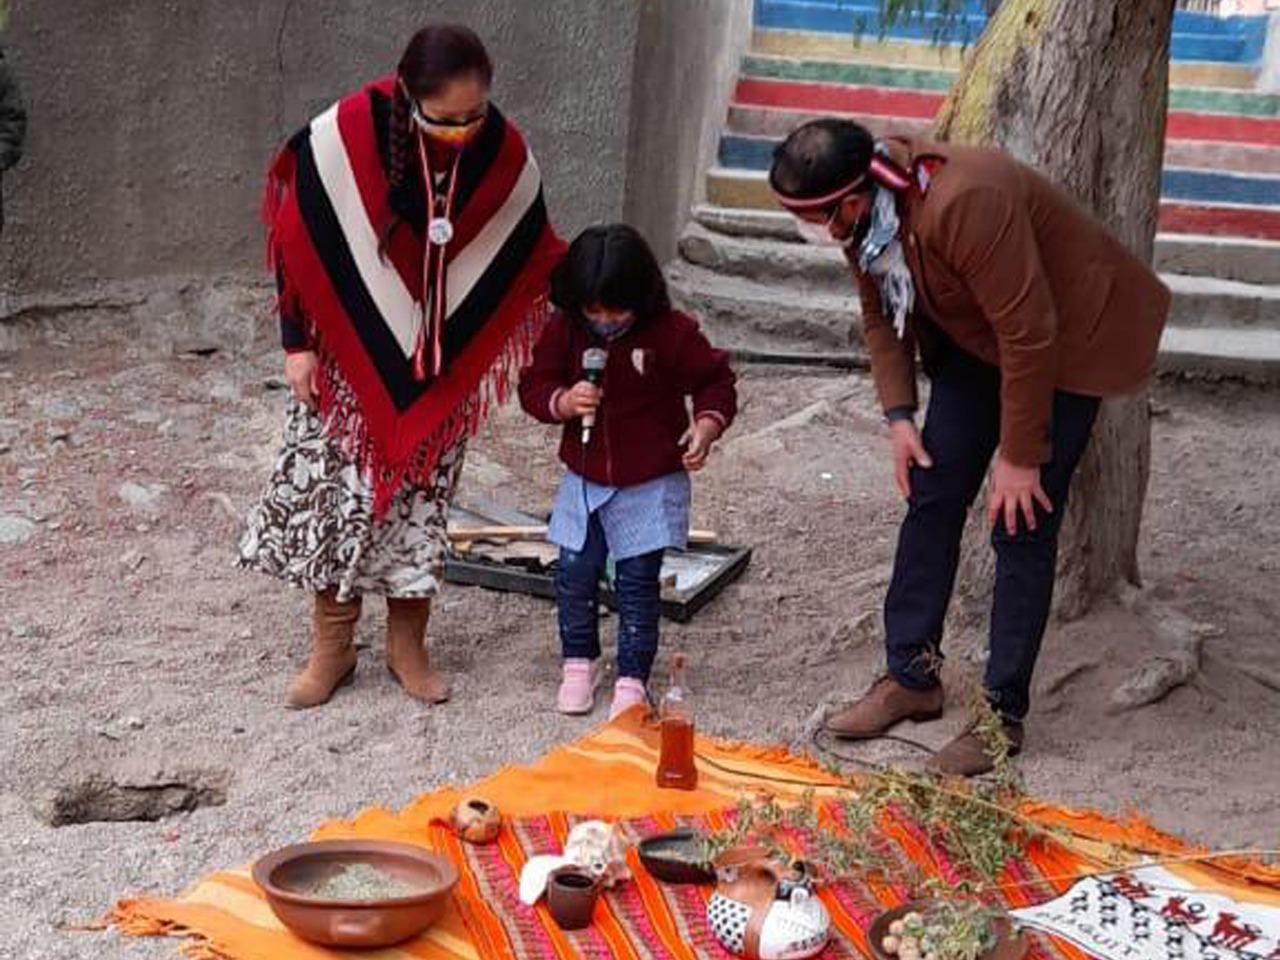 Establecimientos de la provincia conmemoran el Día de los Pueblos Indígenas con diferentes actividades recreativas